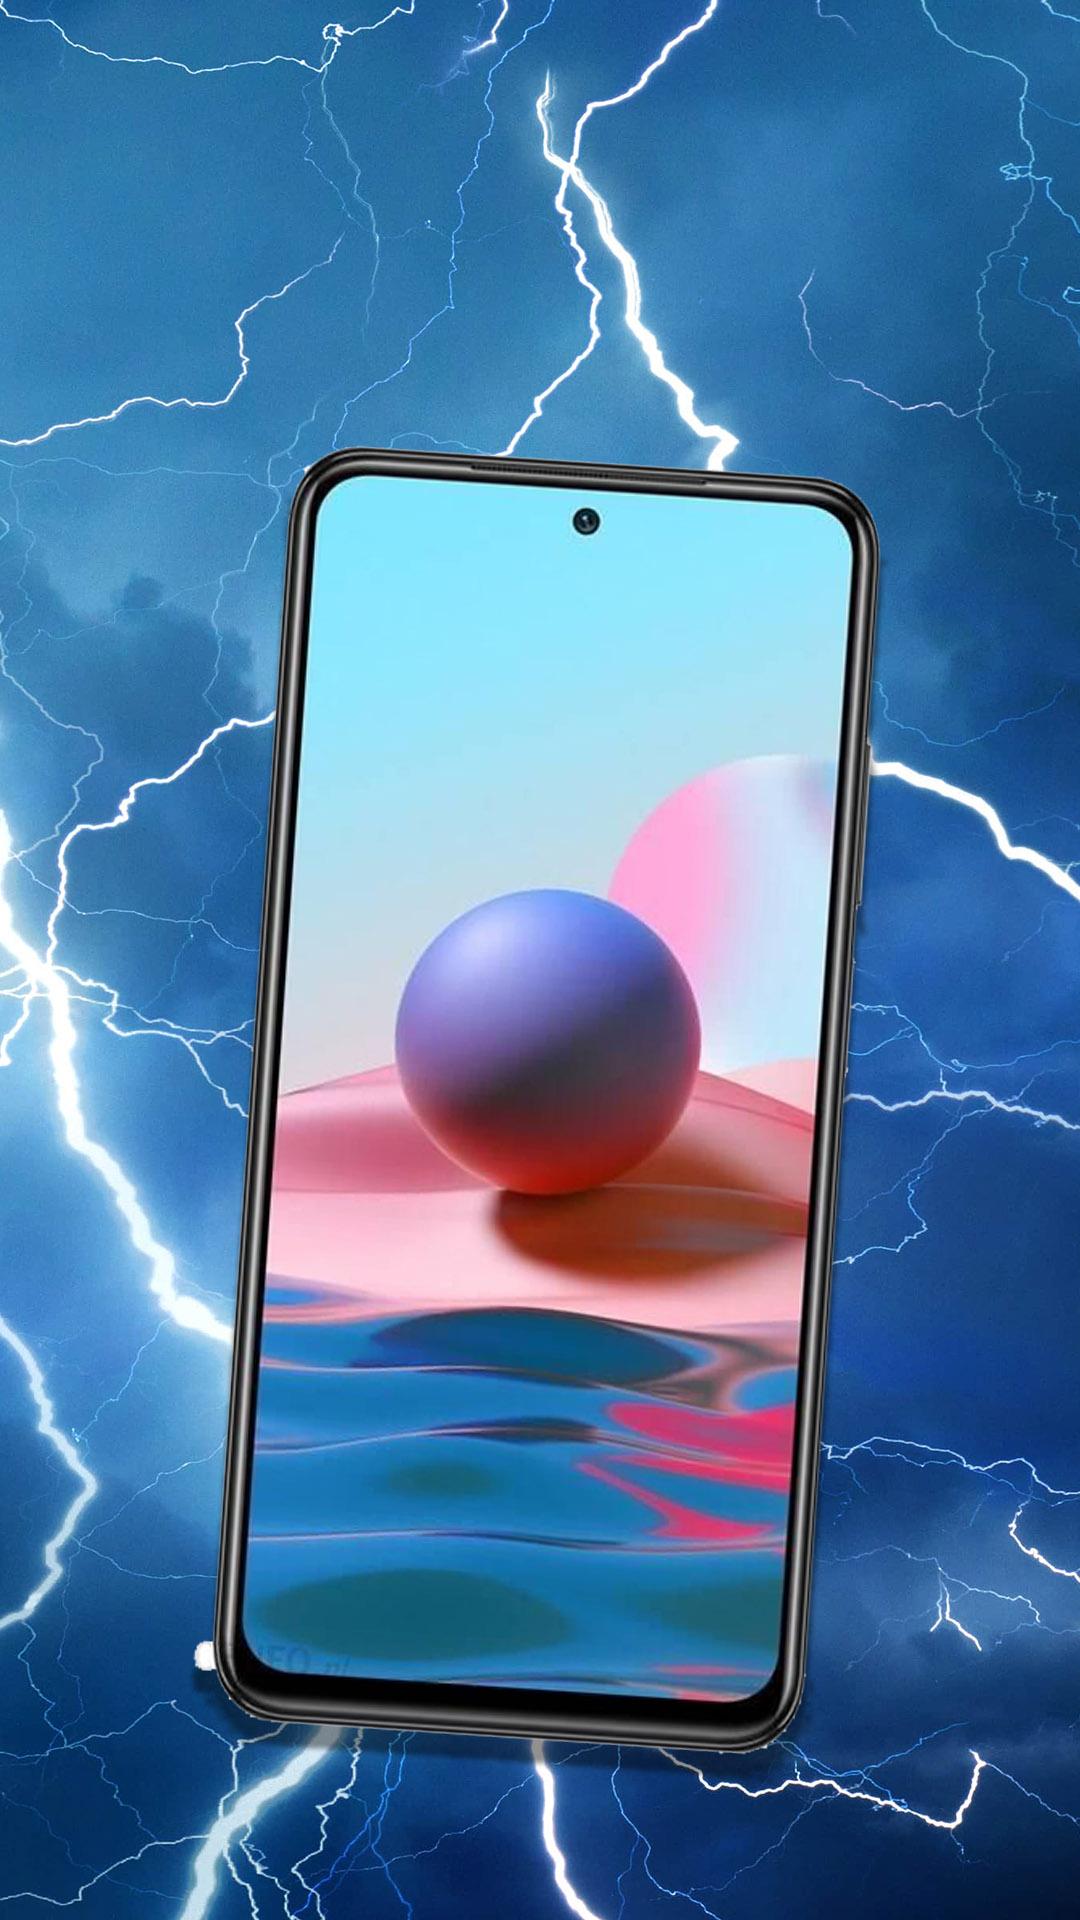 korzystanie z telefonu podczas burzy